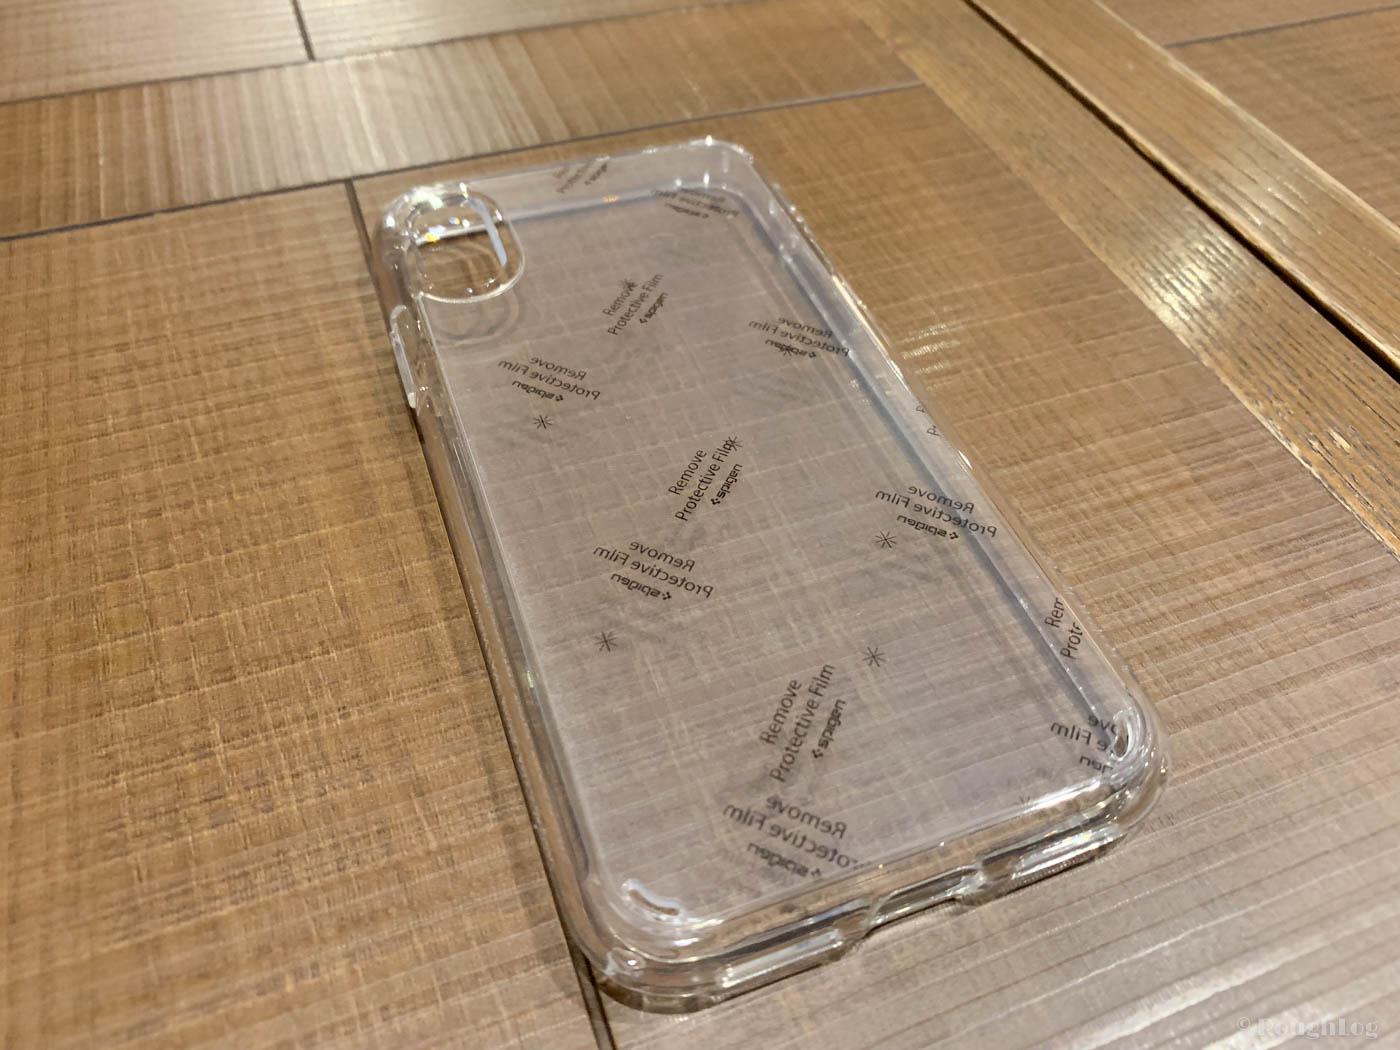 Spigen製iPhoneXSケース「ウルトラハイブリッド」には傷防止のために保護シートが貼られている